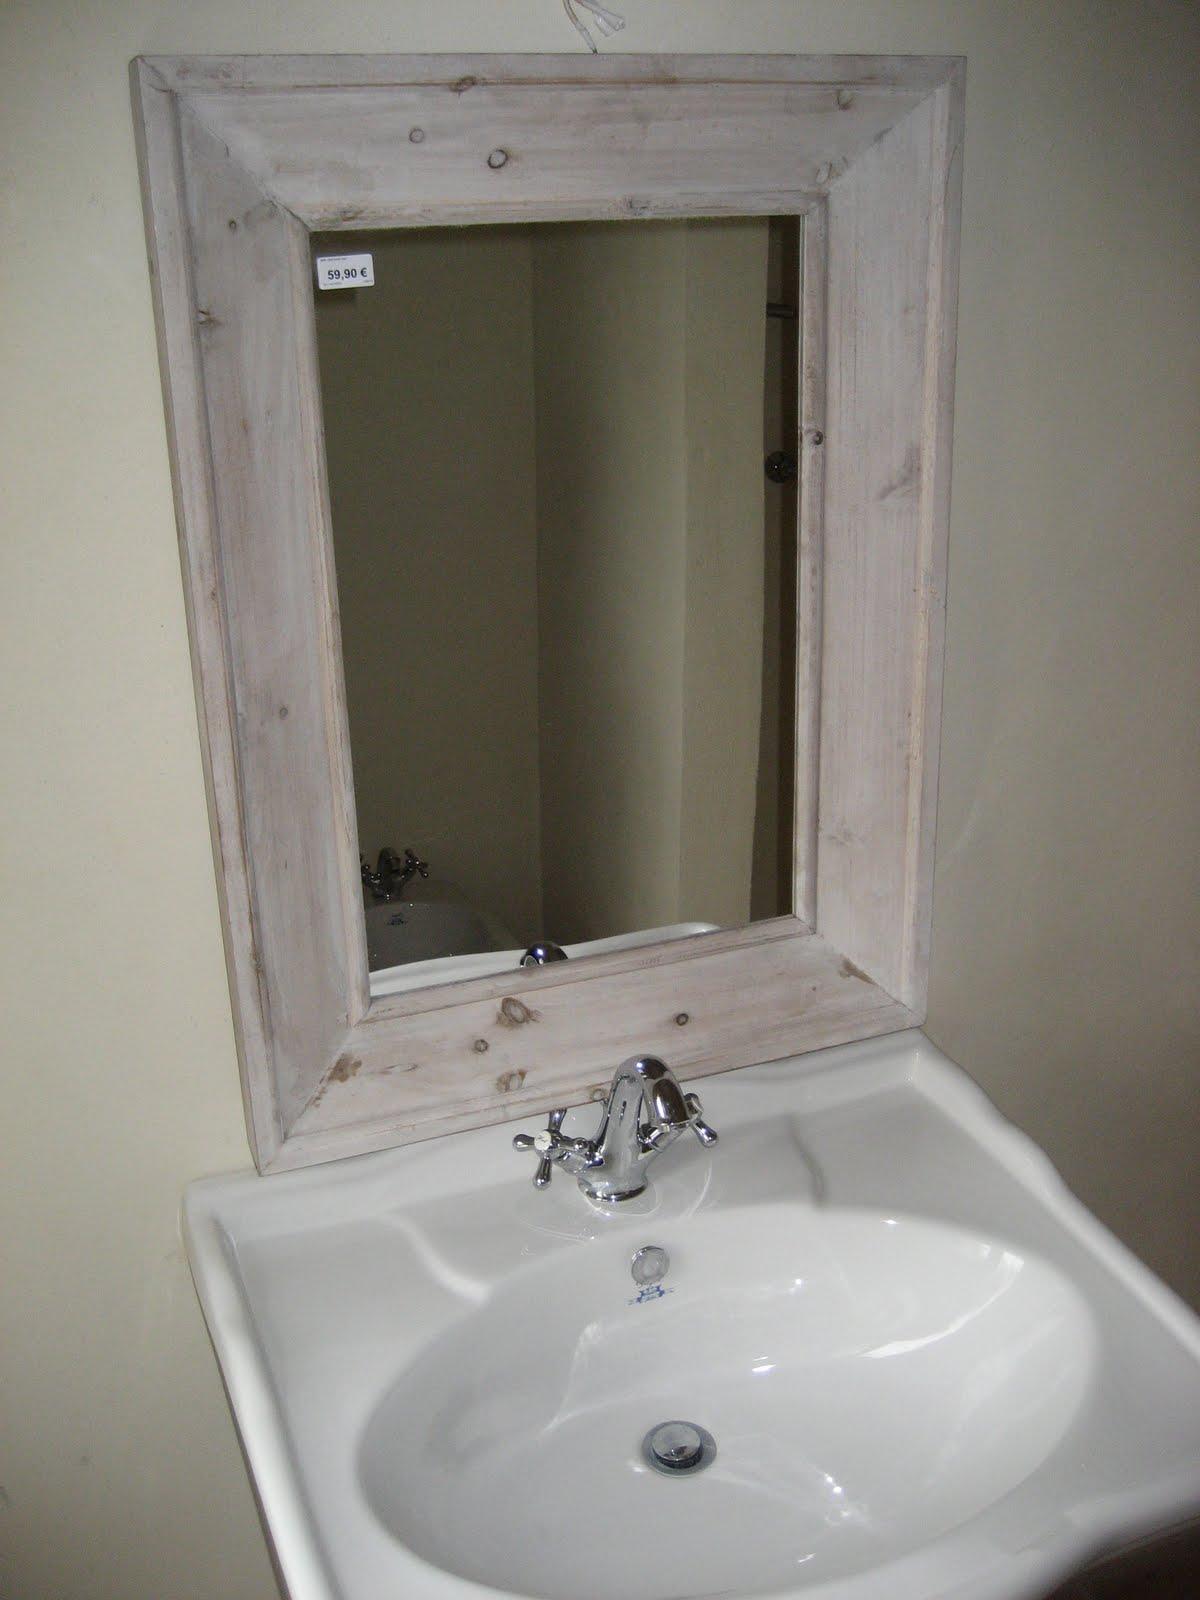 Corteranzo lo specchio e il nostro bagno - Documenti per ristrutturazione bagno ...